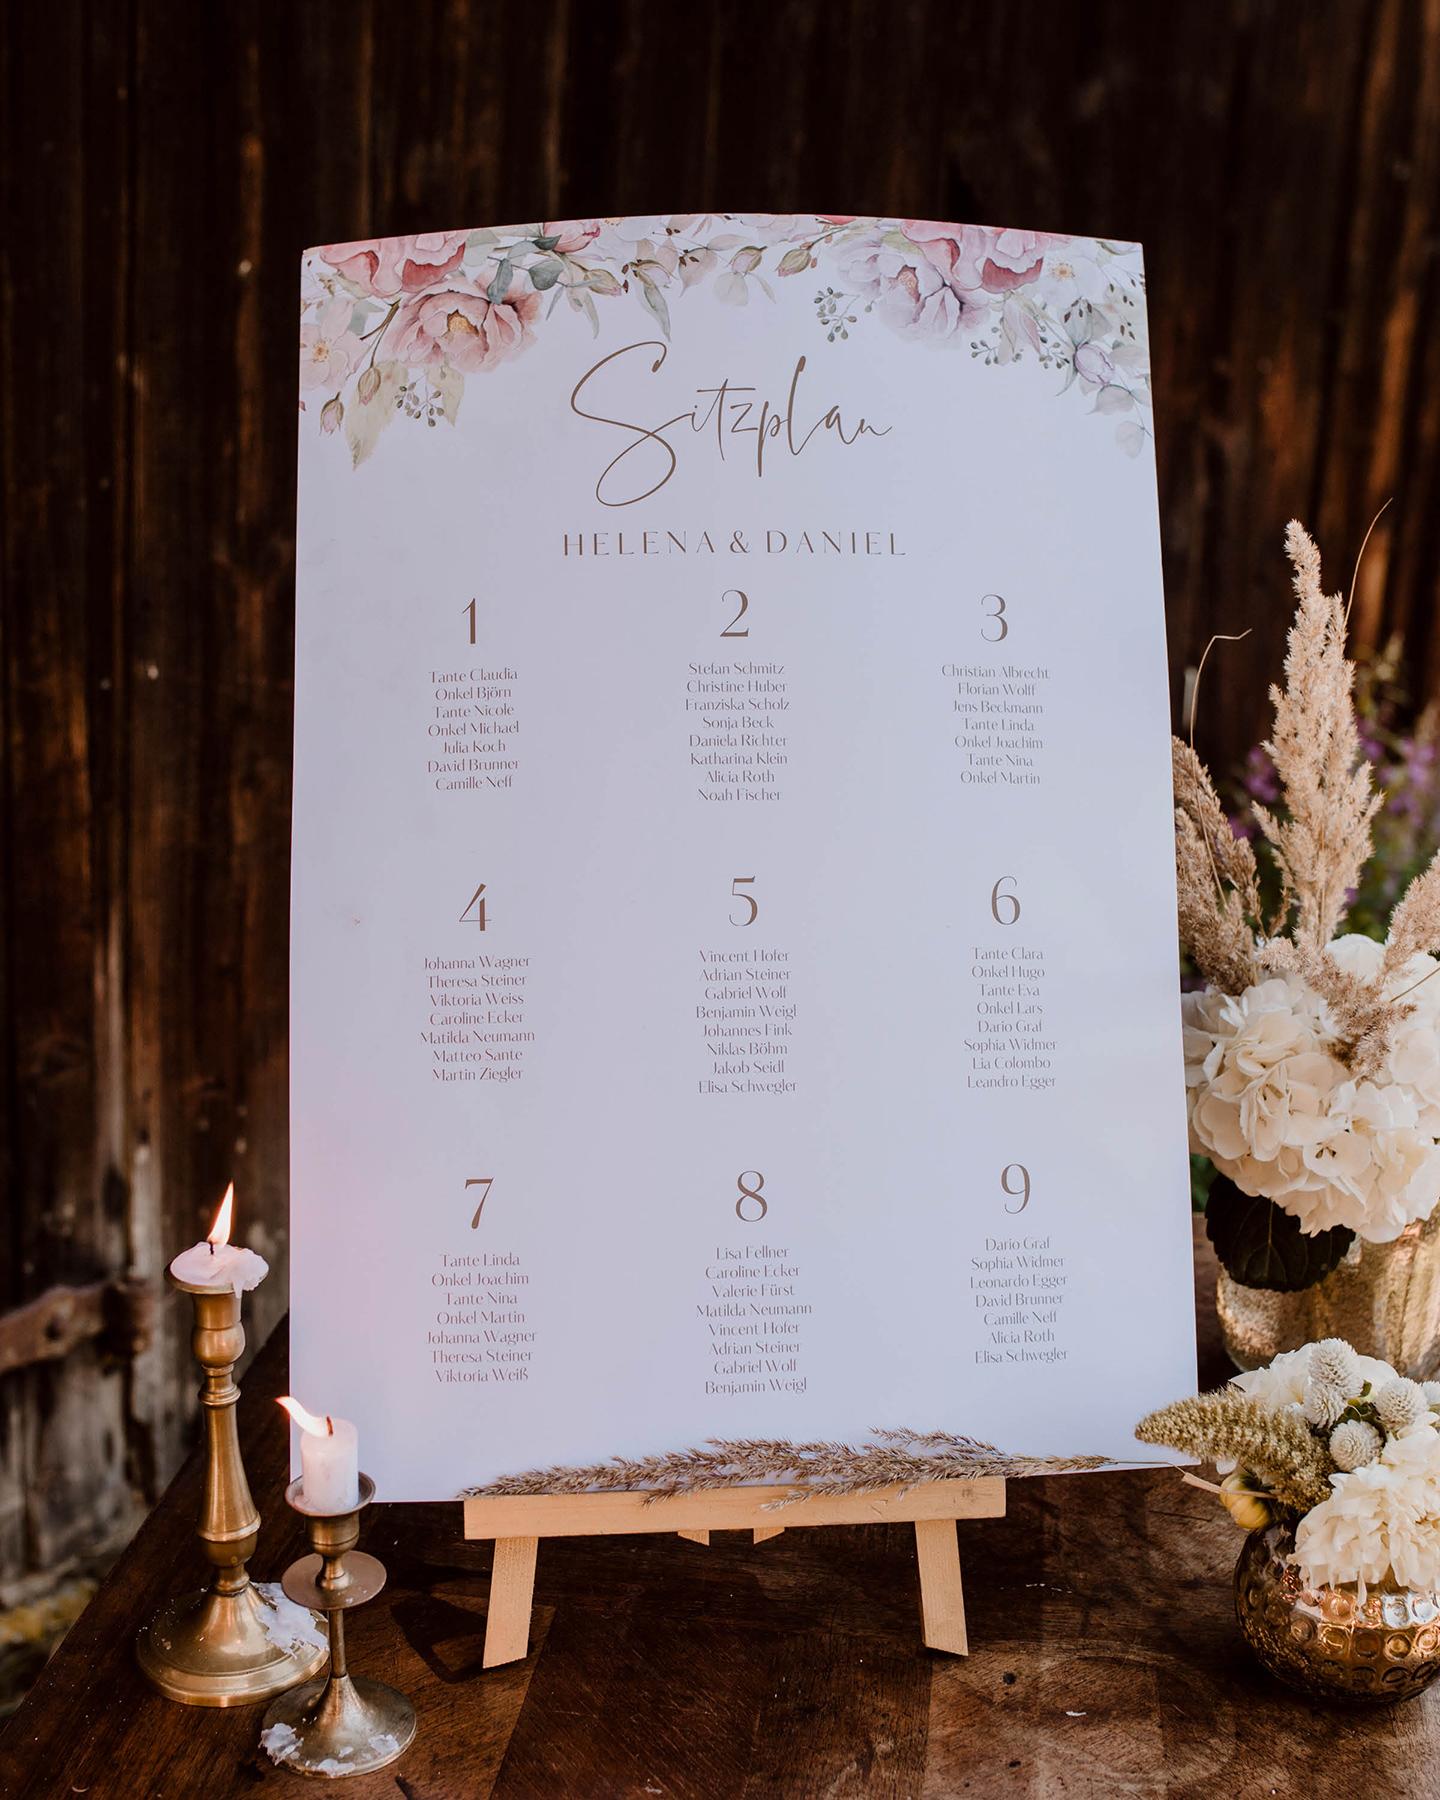 Plakat mit Sitzplan für die Hochzeit aufgestellt auf einer kleinen Staffelei